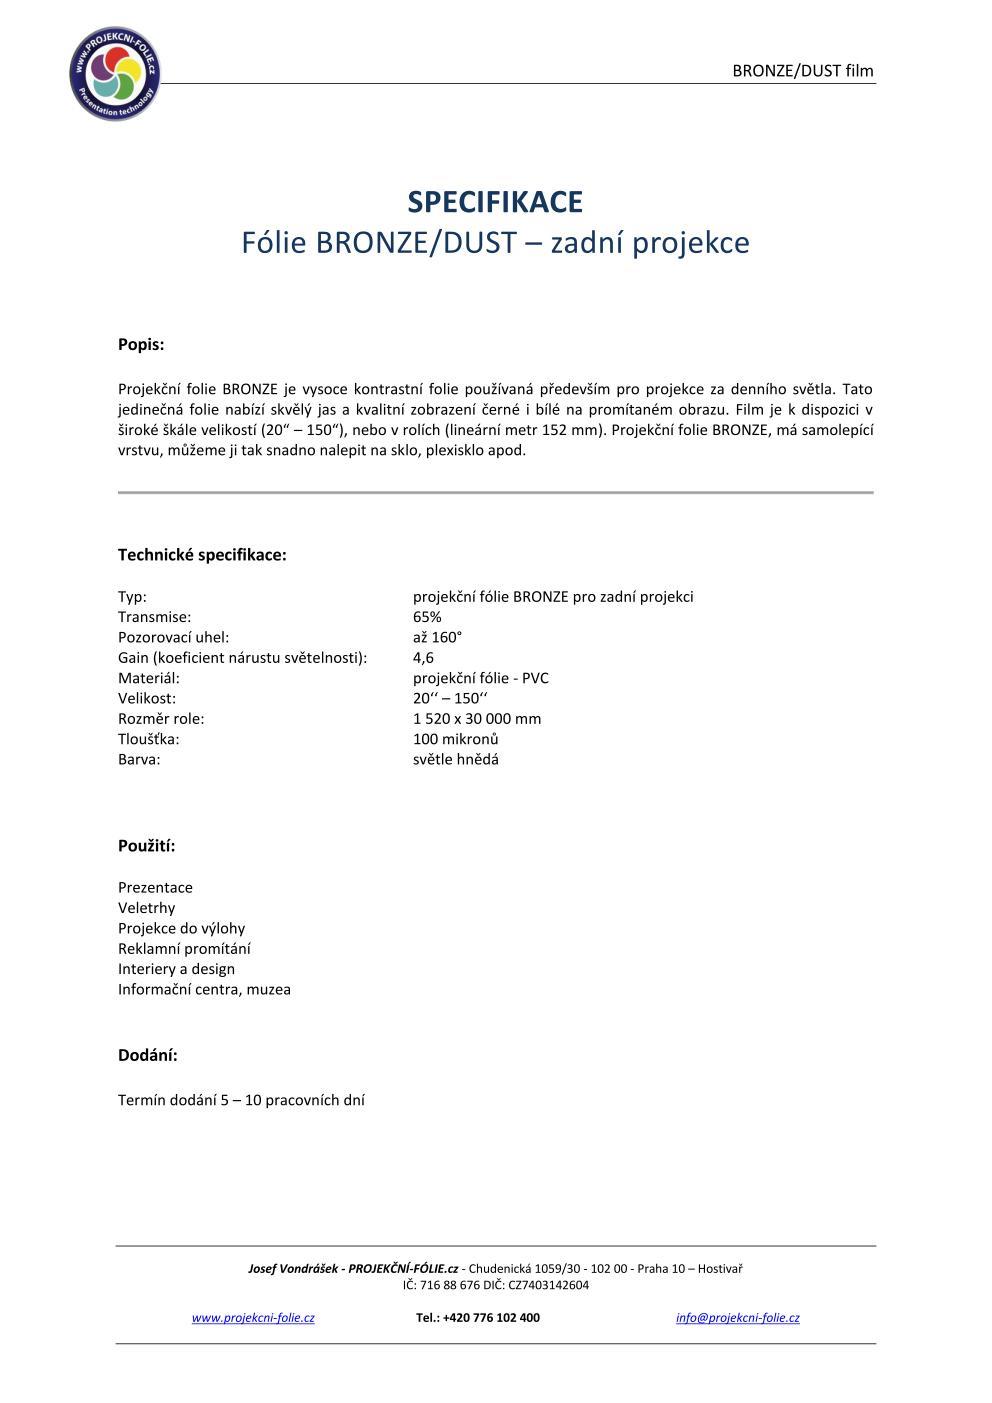 BRONZE / DUST - zadní projekce